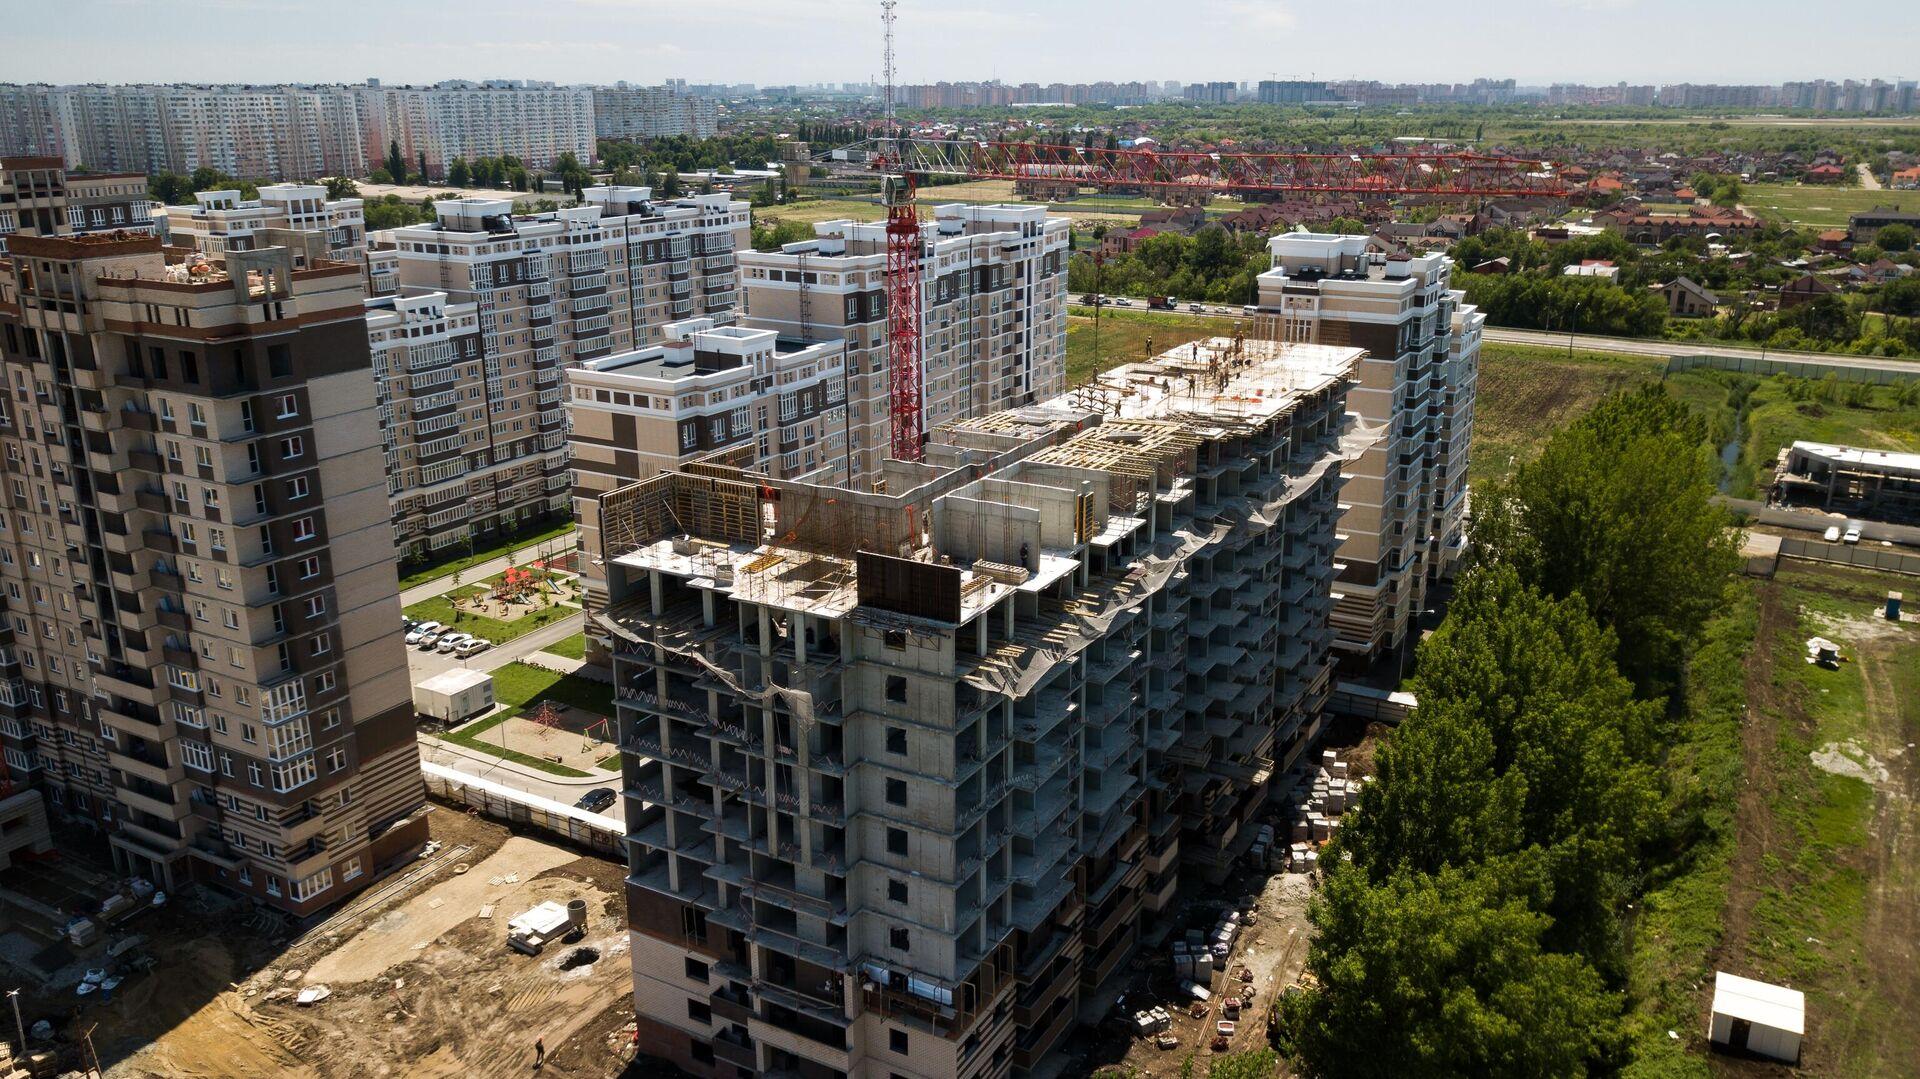 Строительство жилых домов - РИА Новости, 1920, 16.10.2020